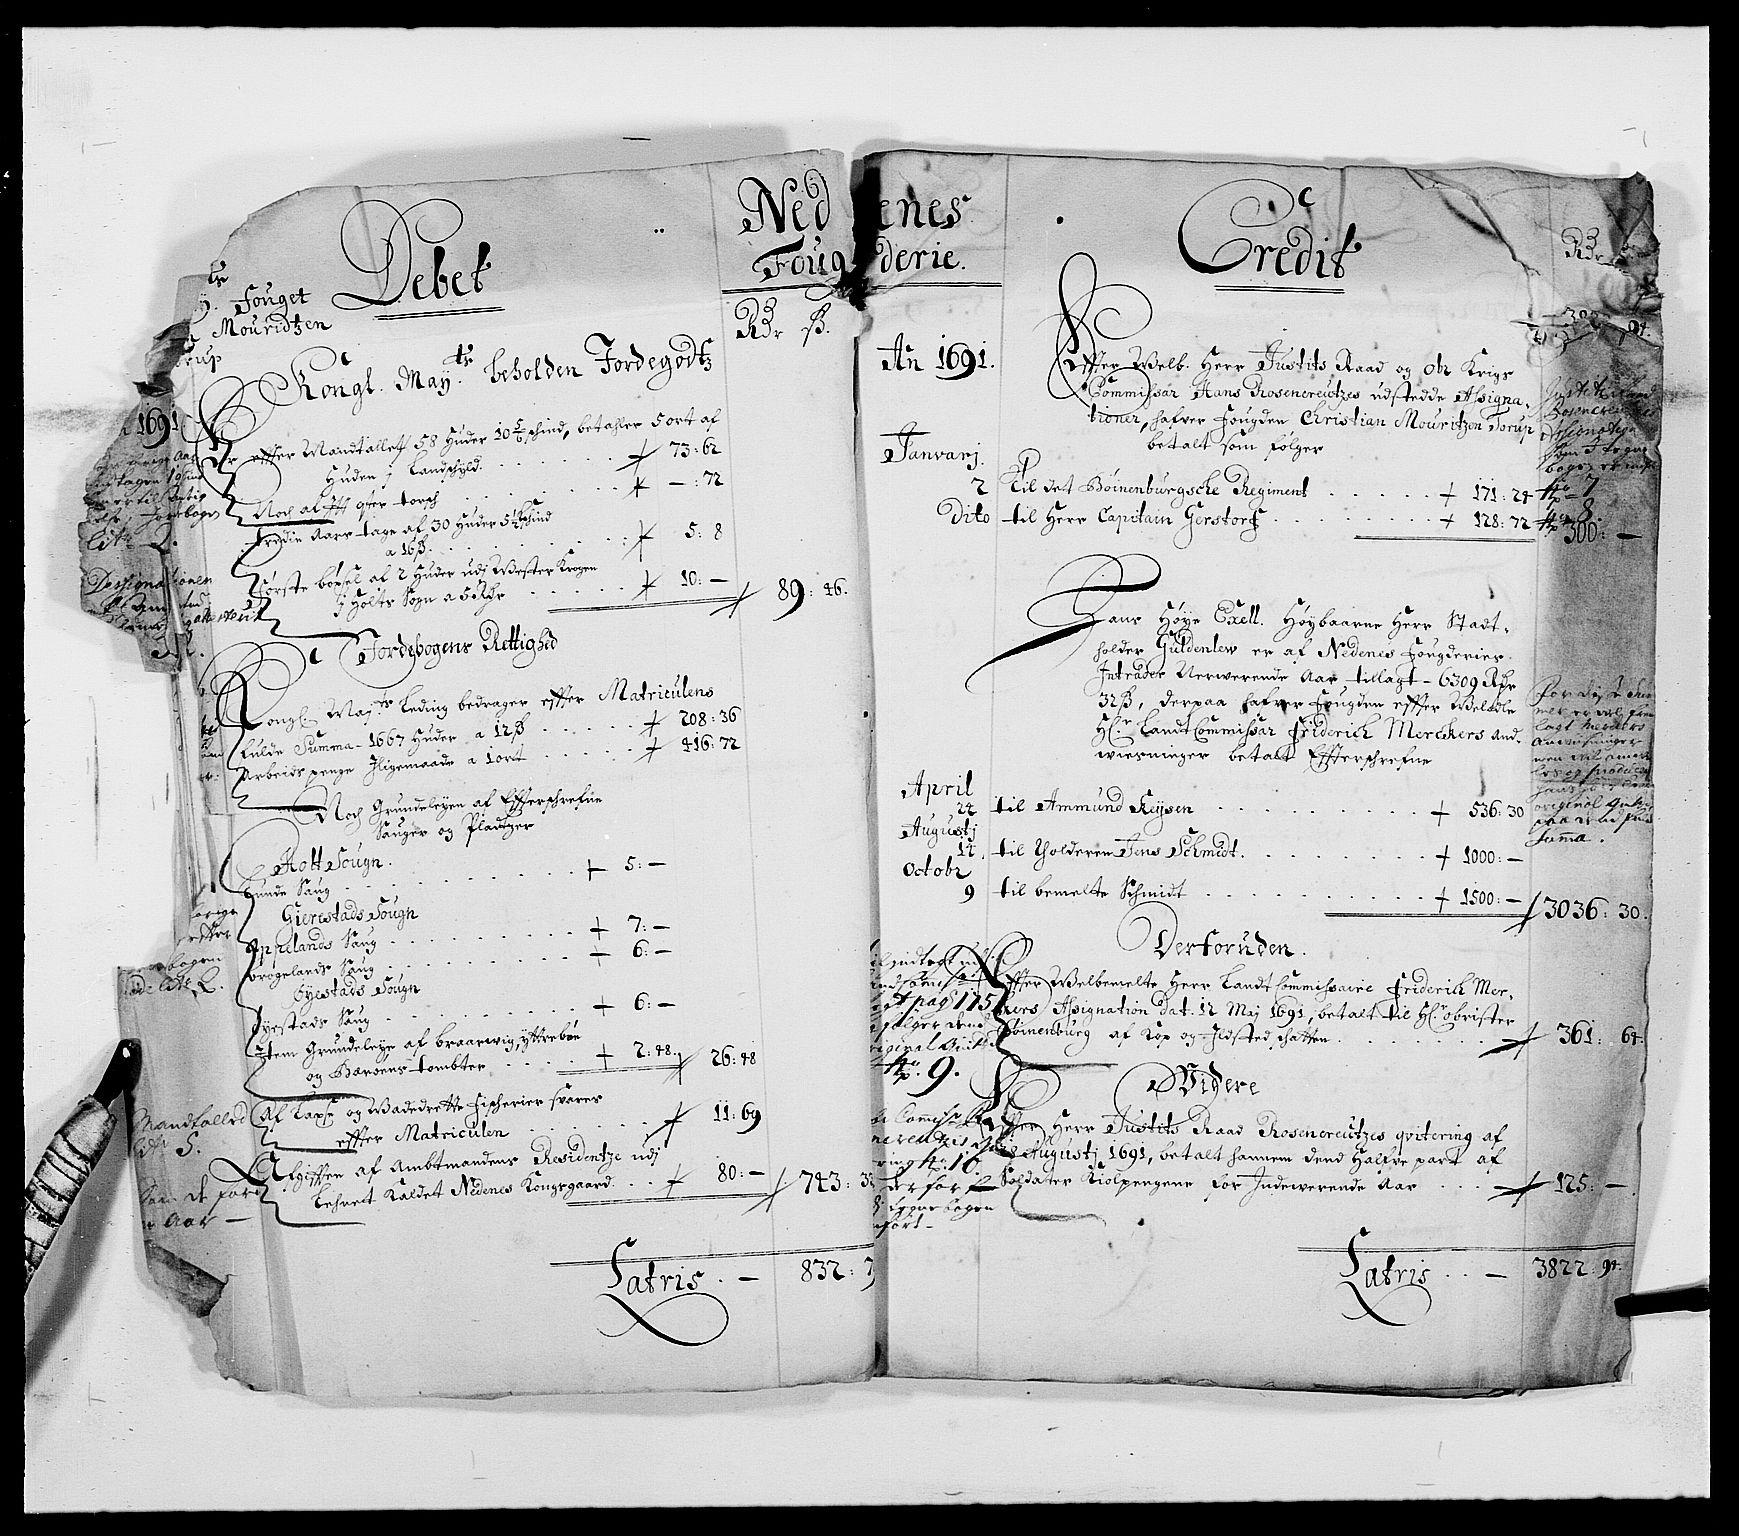 RA, Rentekammeret inntil 1814, Reviderte regnskaper, Fogderegnskap, R39/L2310: Fogderegnskap Nedenes, 1690-1692, s. 11